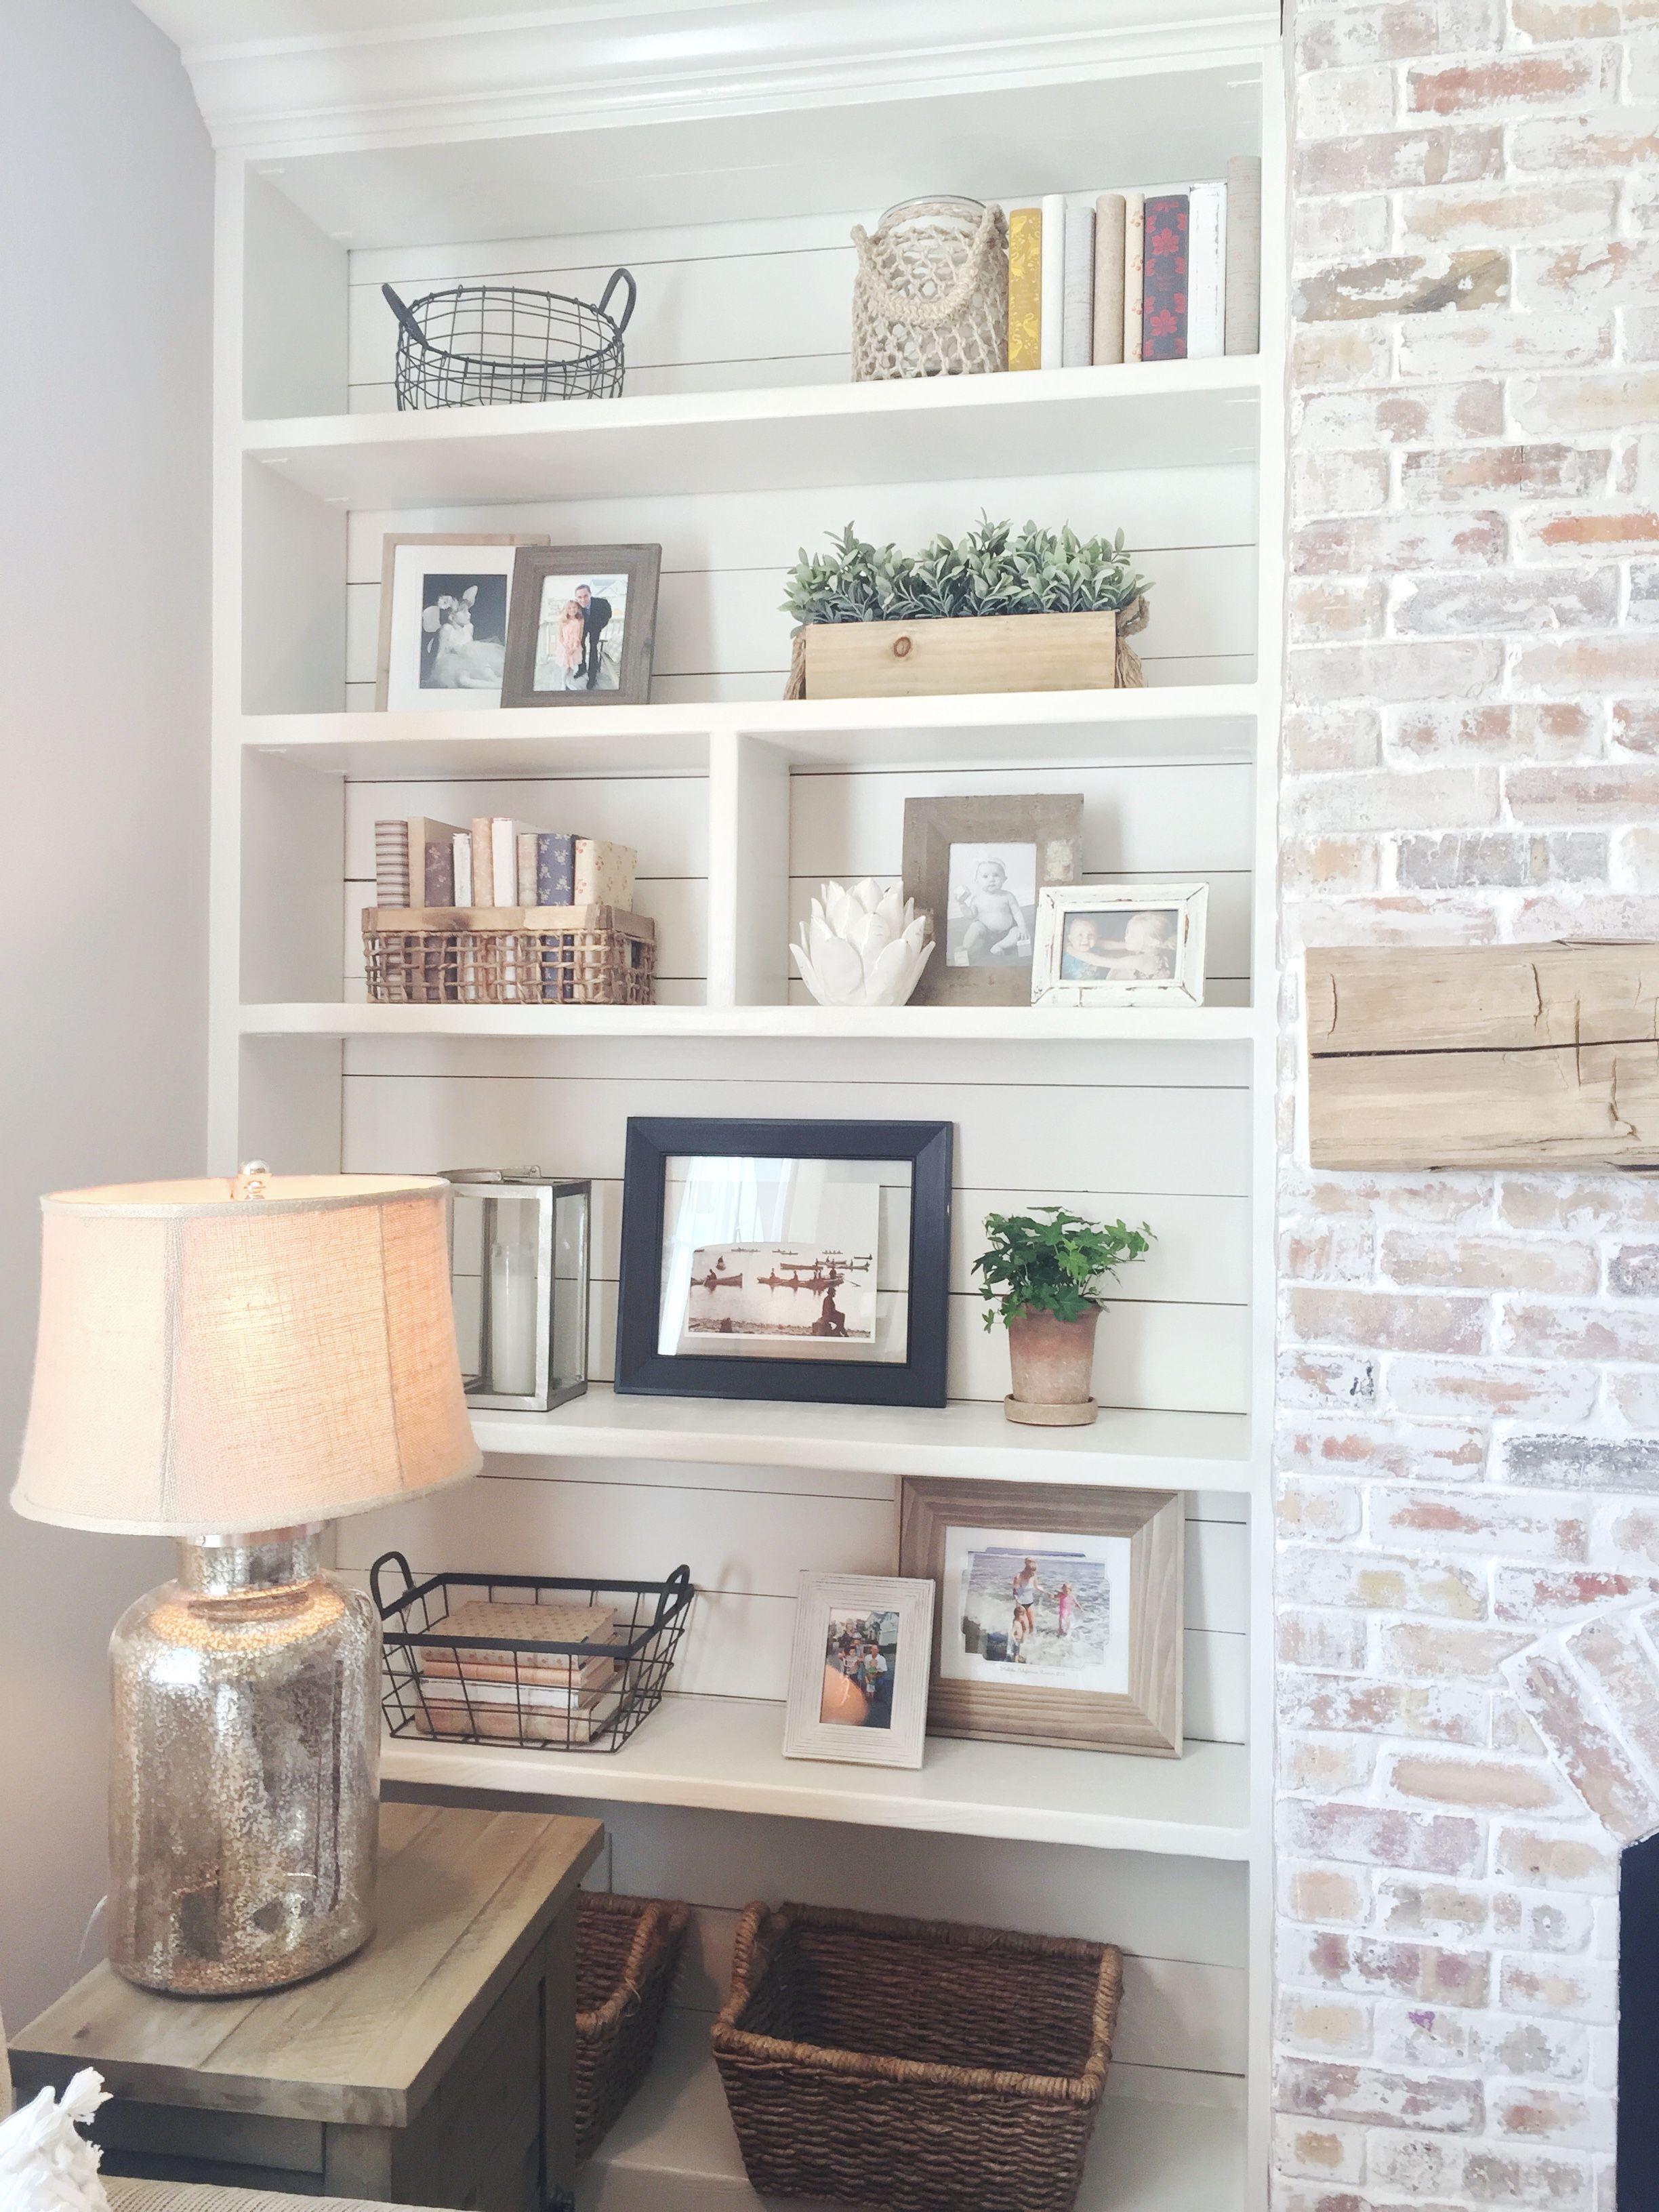 Built-in bookshelves, styling, shiplap, whitewash brick ...